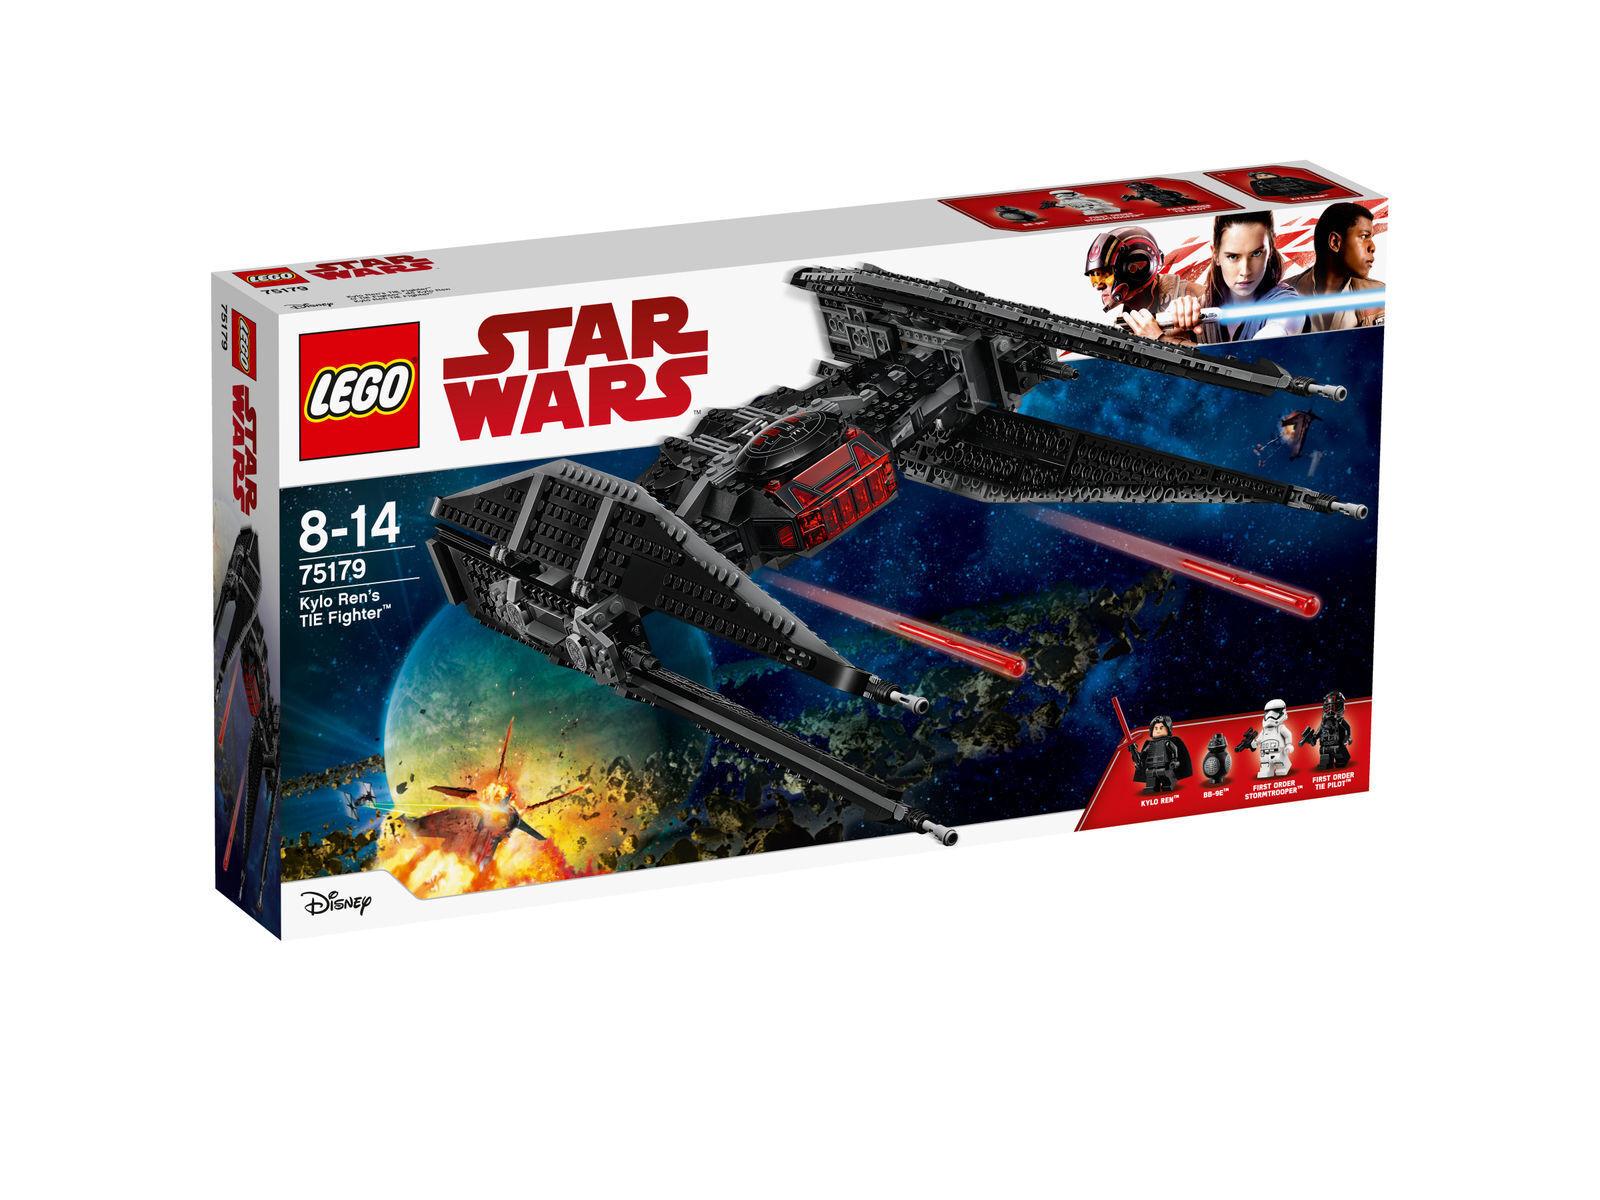 LEGO Star Wars - 75179 Kylo Ren's TIE Fighter mit BB-9E - Neu & OVP